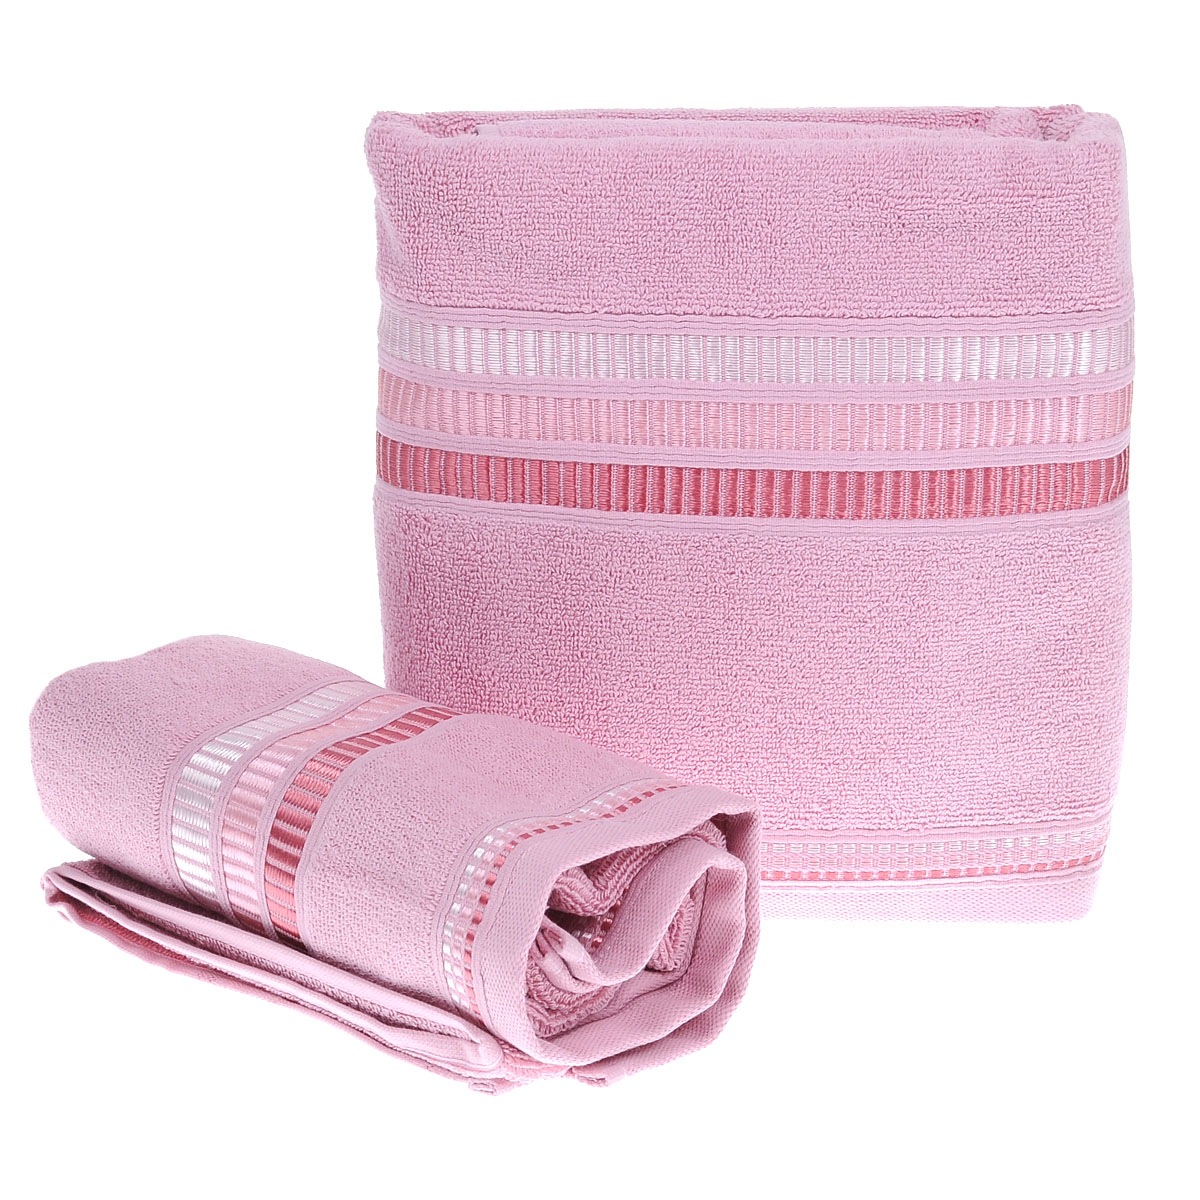 Набор махровых полотенец Coronet Пиано, цвет: сиреневый, 2 шт. Б-МП-2020-15-11-с1004900000360Подарочный набор Coronet Пиано состоит из двух полотенец разного размера, выполненных из натуральной махровой ткани. Полотенца украшены изящным декоративным тиснением. Мягкие и уютные, они прекрасно впитывают влагу и легко стираются. Такой набор подарит вам мягкость и необыкновенный комфорт в использовании. Благодаря высокому качеству изготовления, полотенце будет радовать многие годы.Полотенца упакованы в подарочную коробку и станут приятным и полезным подарком вашим друзьям и близким. Комплектация: 2 шт. Плотность полотенец 550 г/м.